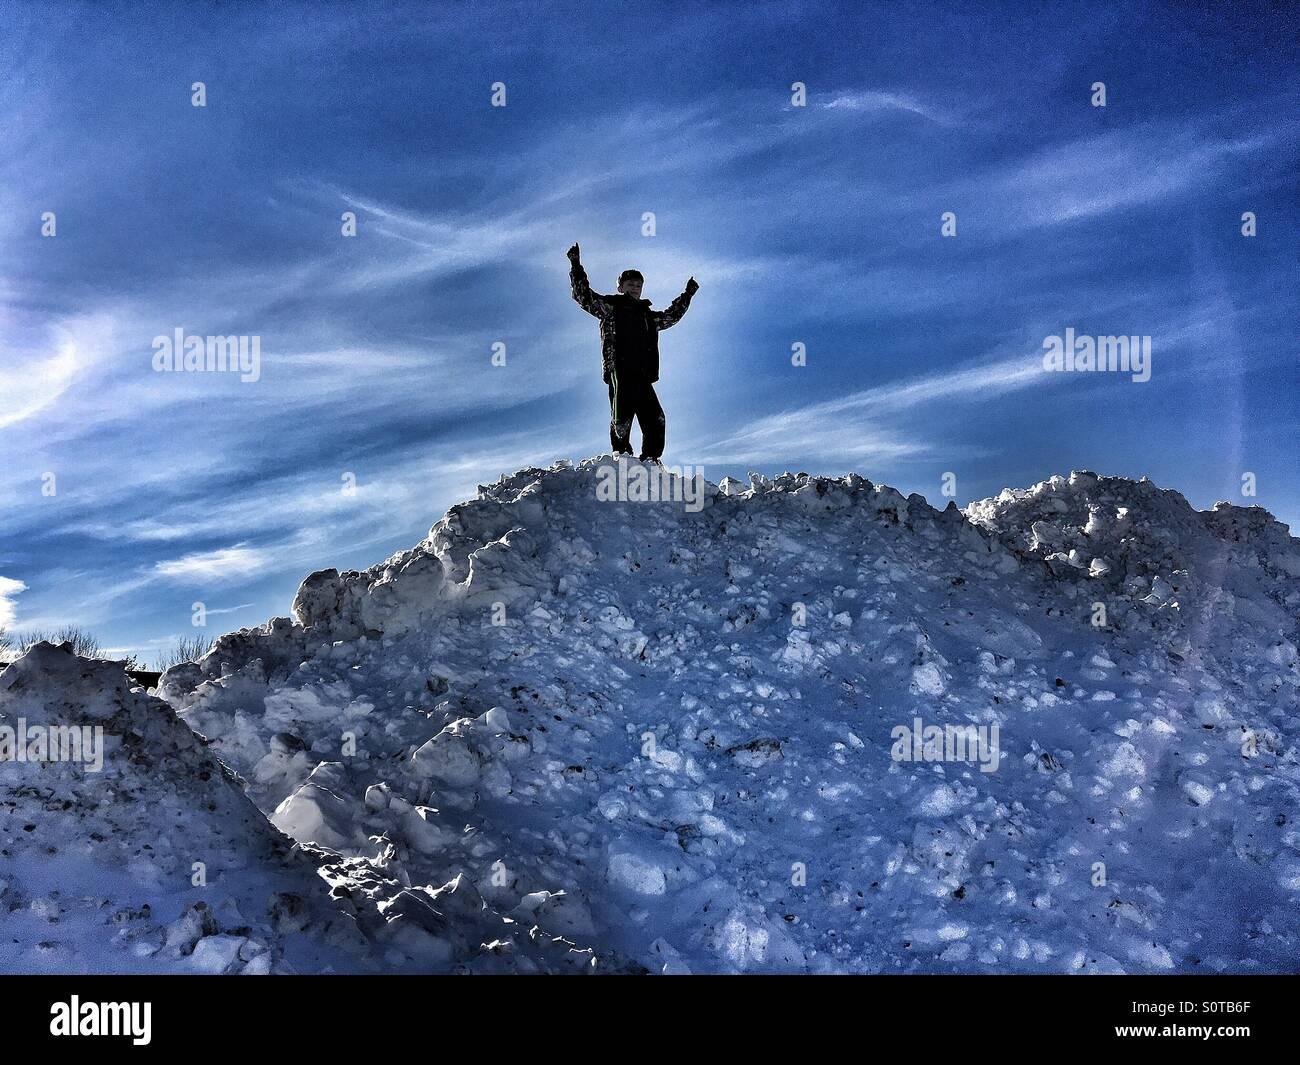 Un ragazzo di teen sulla sommità di un enorme cumulo di neve Immagini Stock